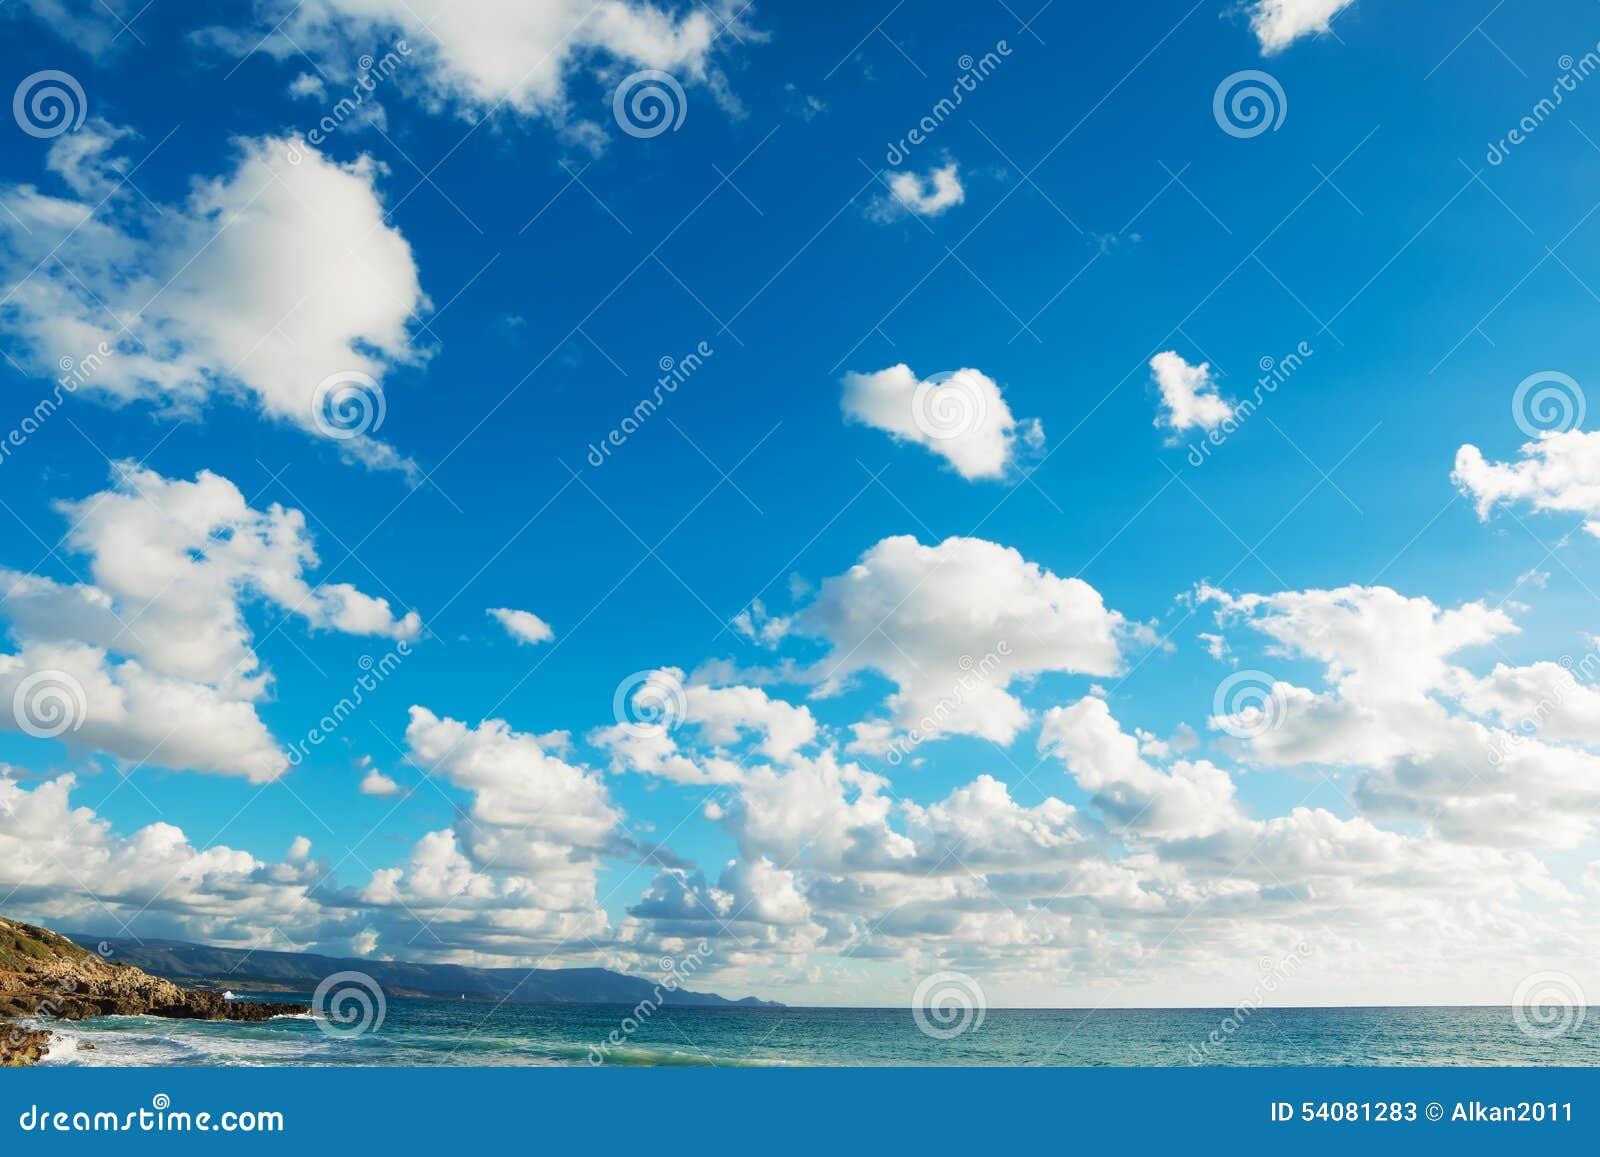 Zachte wolken over de kust